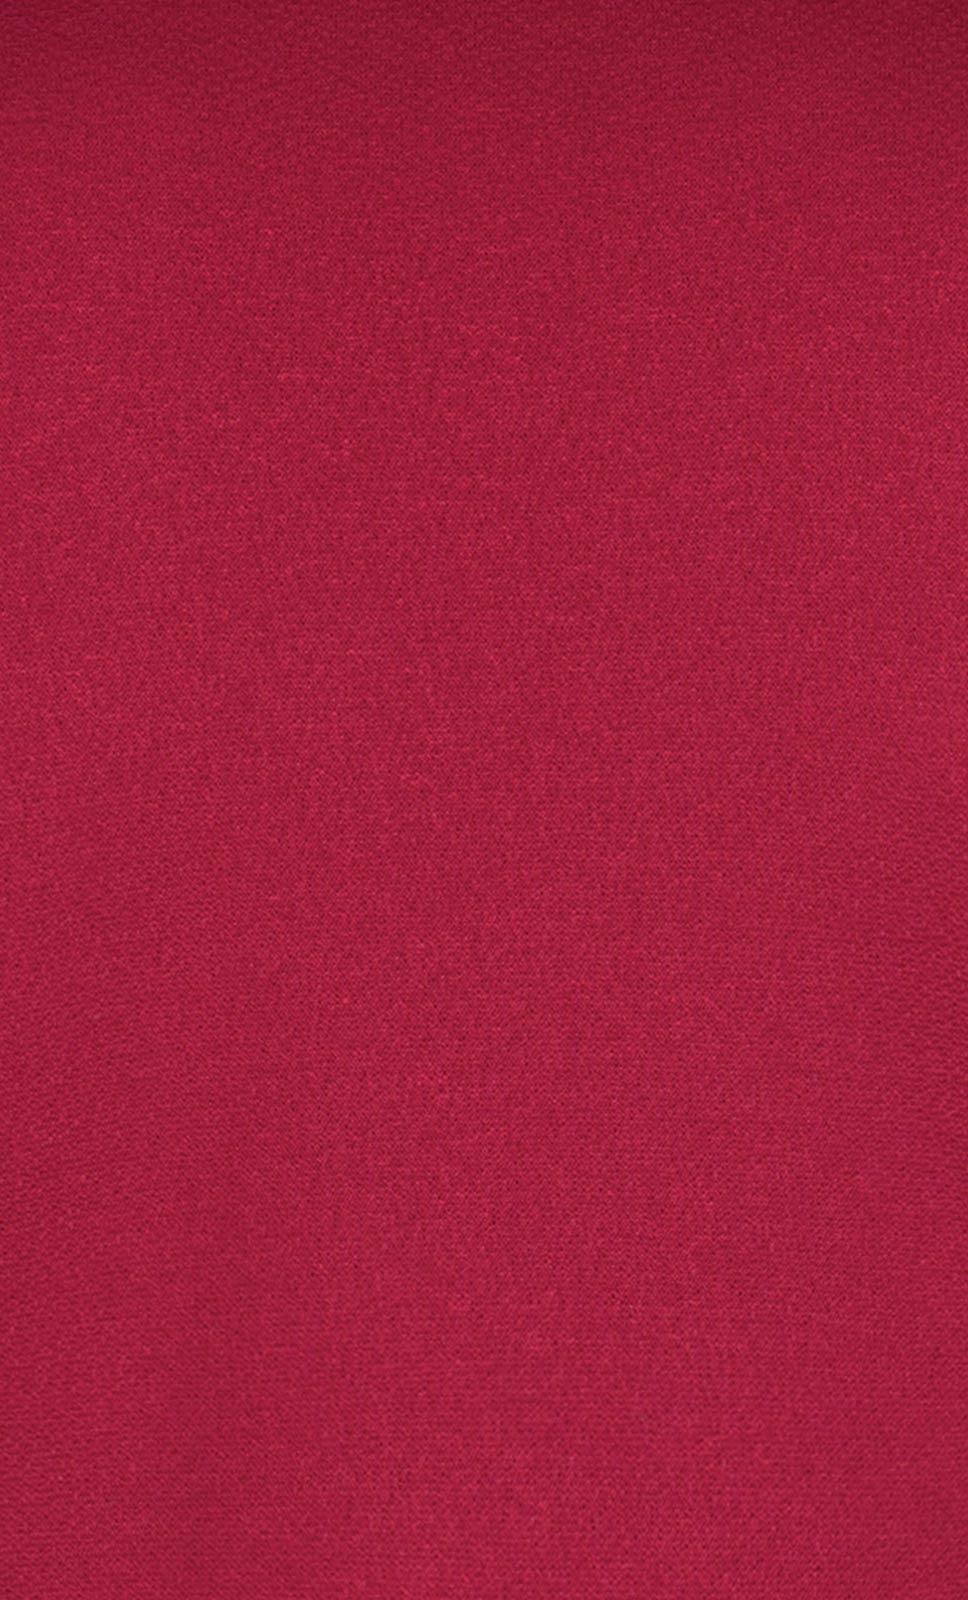 Milano-Crepe-Beaujolais-Red